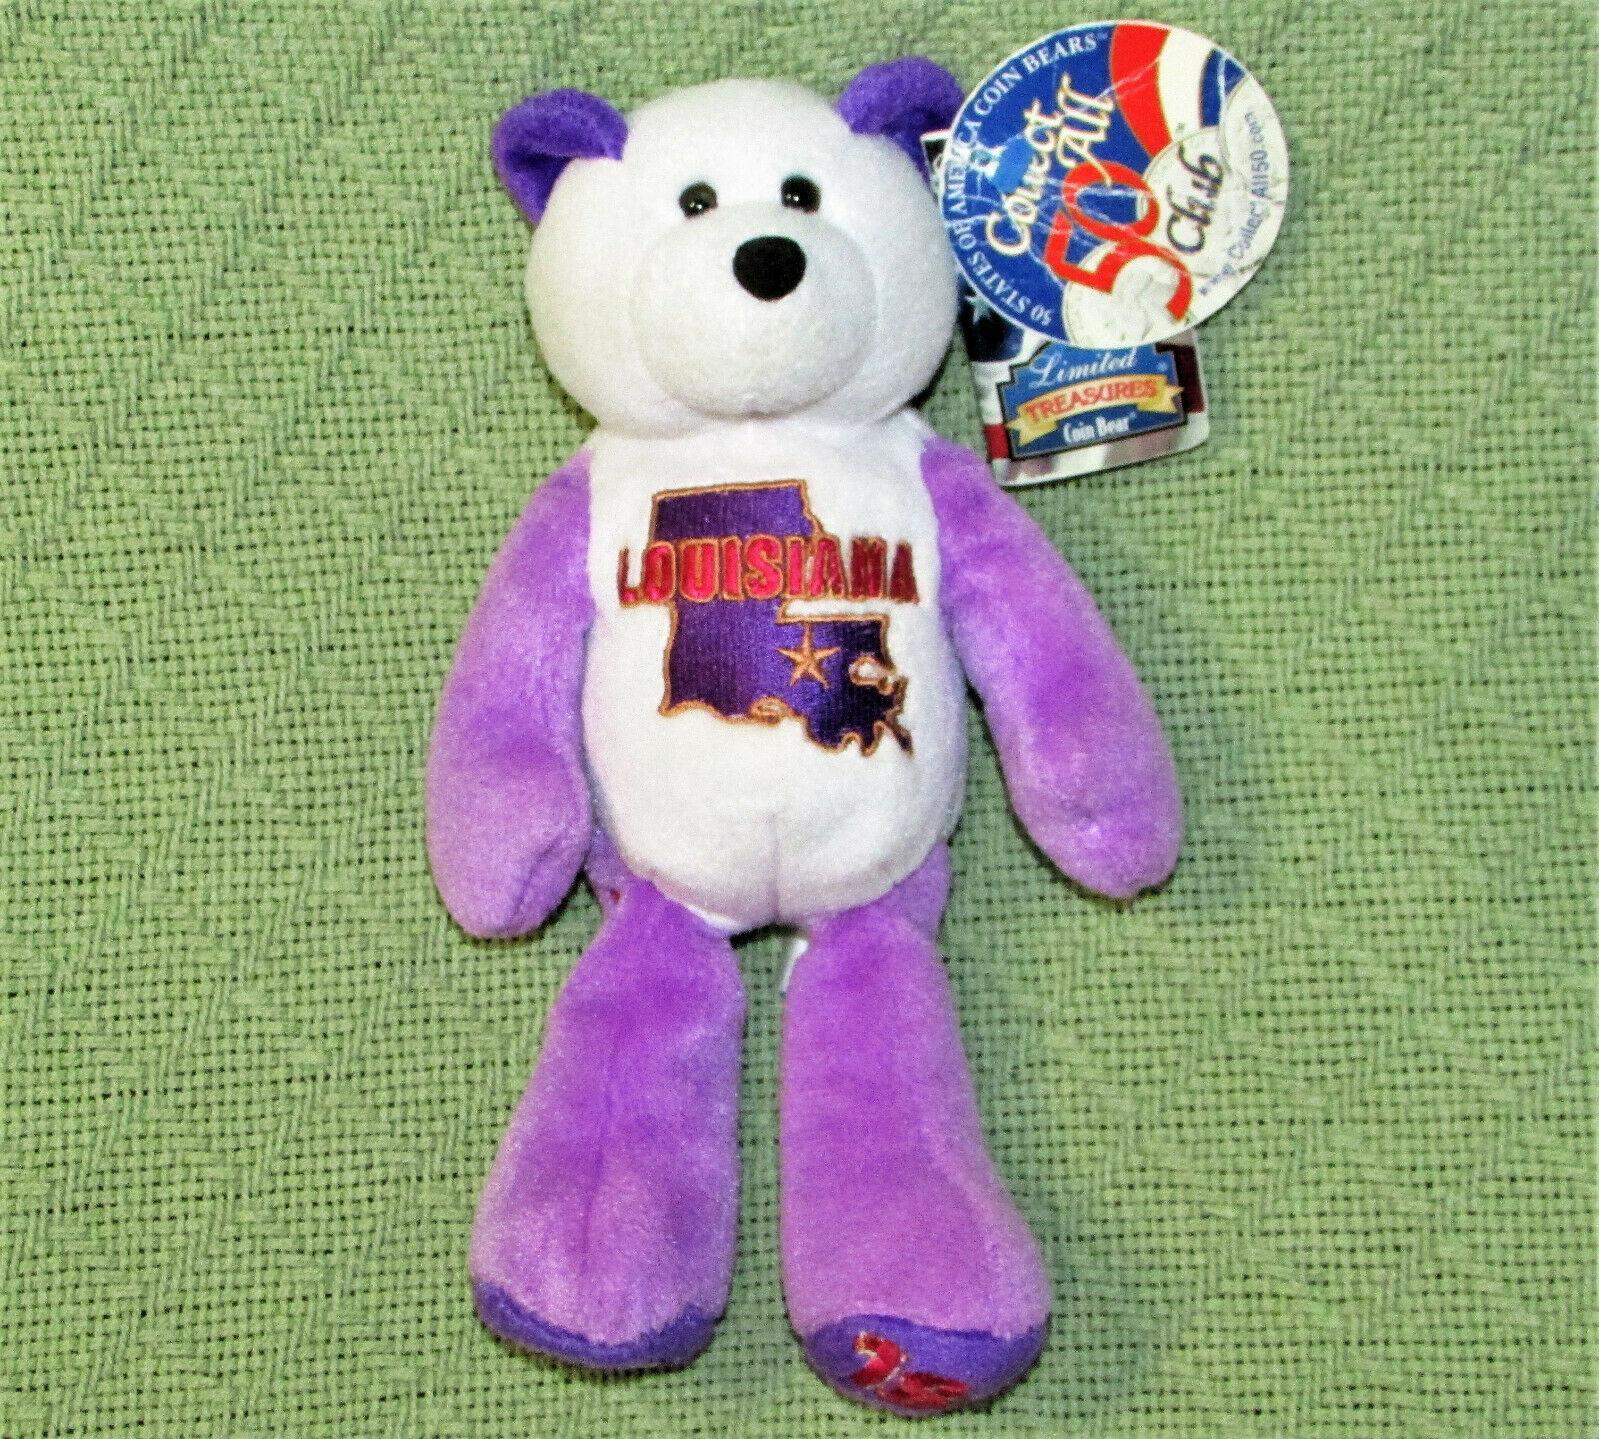 """LIMITED TREASURES COIN BEAR LOUISIANA TEDDY BEANBAG STUFFED ANIMAL WITH TAGS 8"""" - $9.90"""